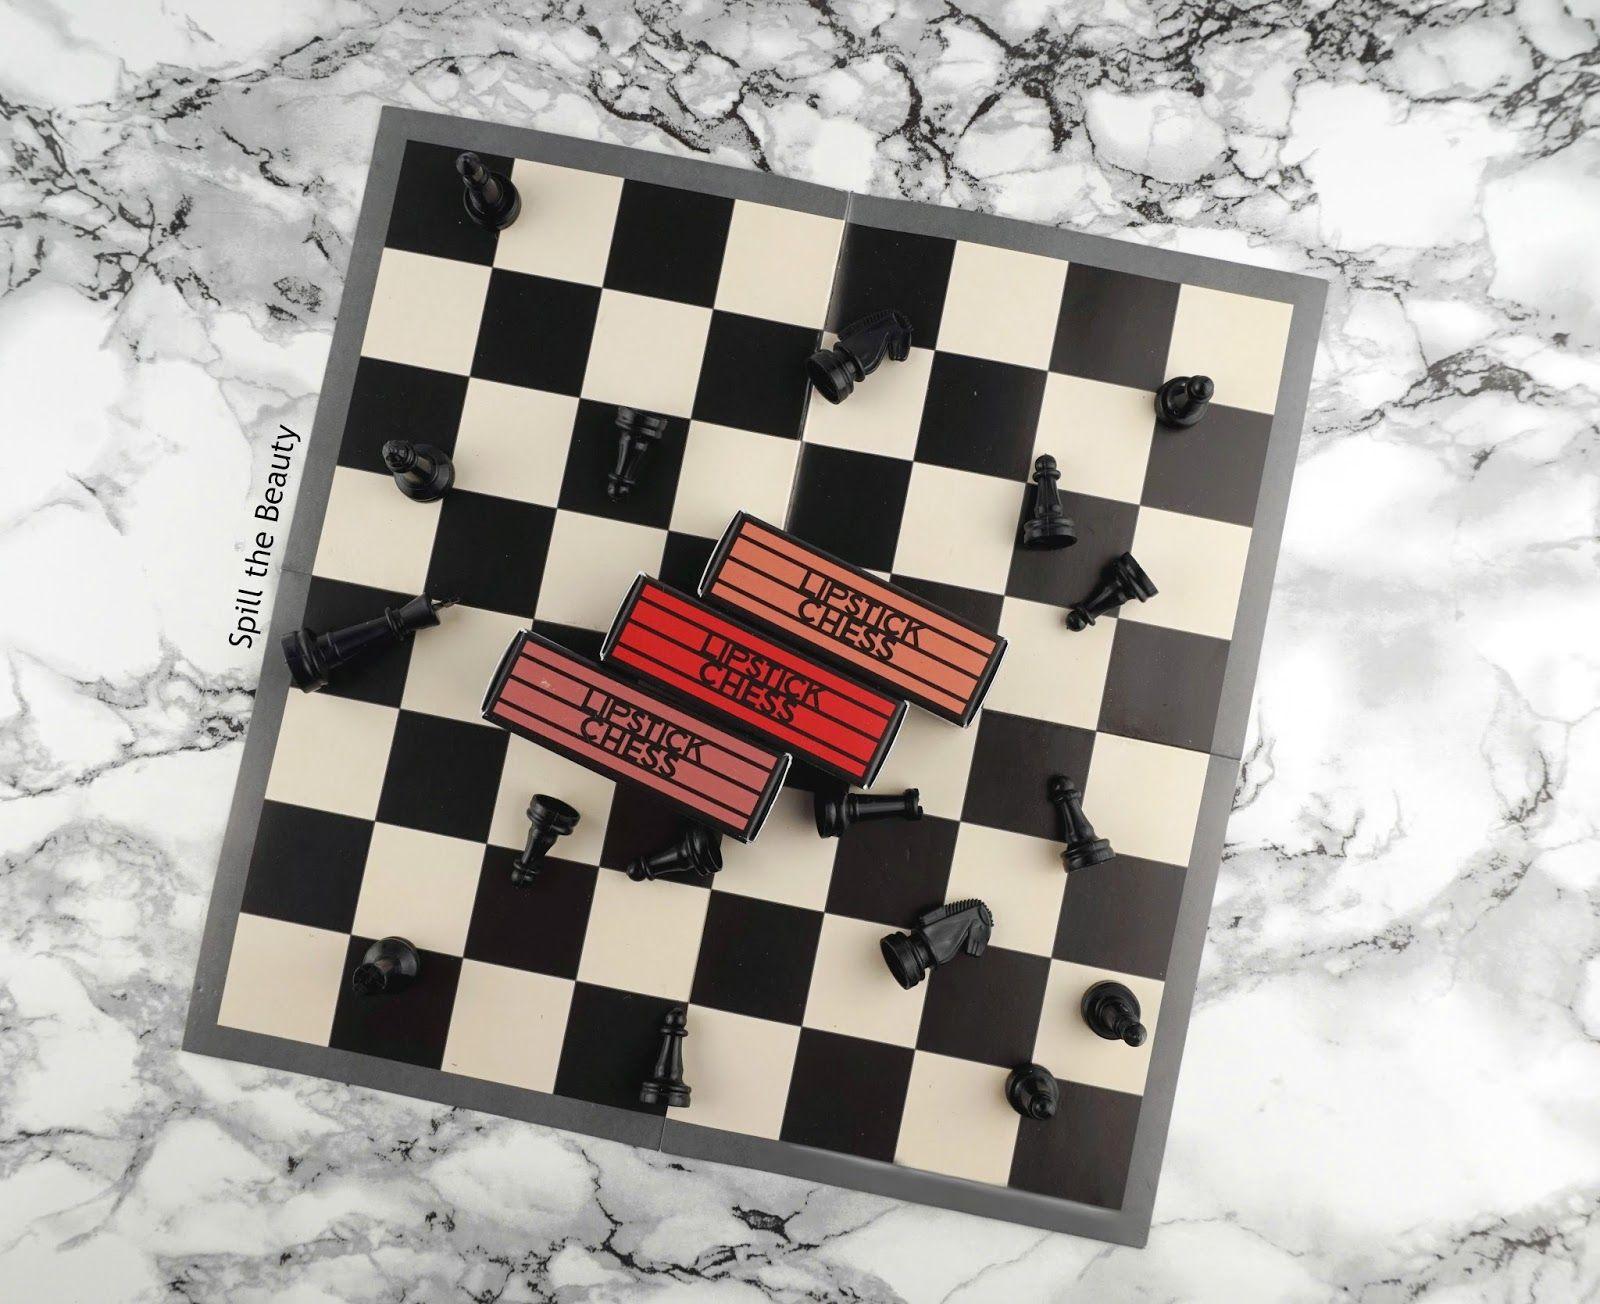 Lipstick Chess Deep Plum Rook by Lipstick Queen #12